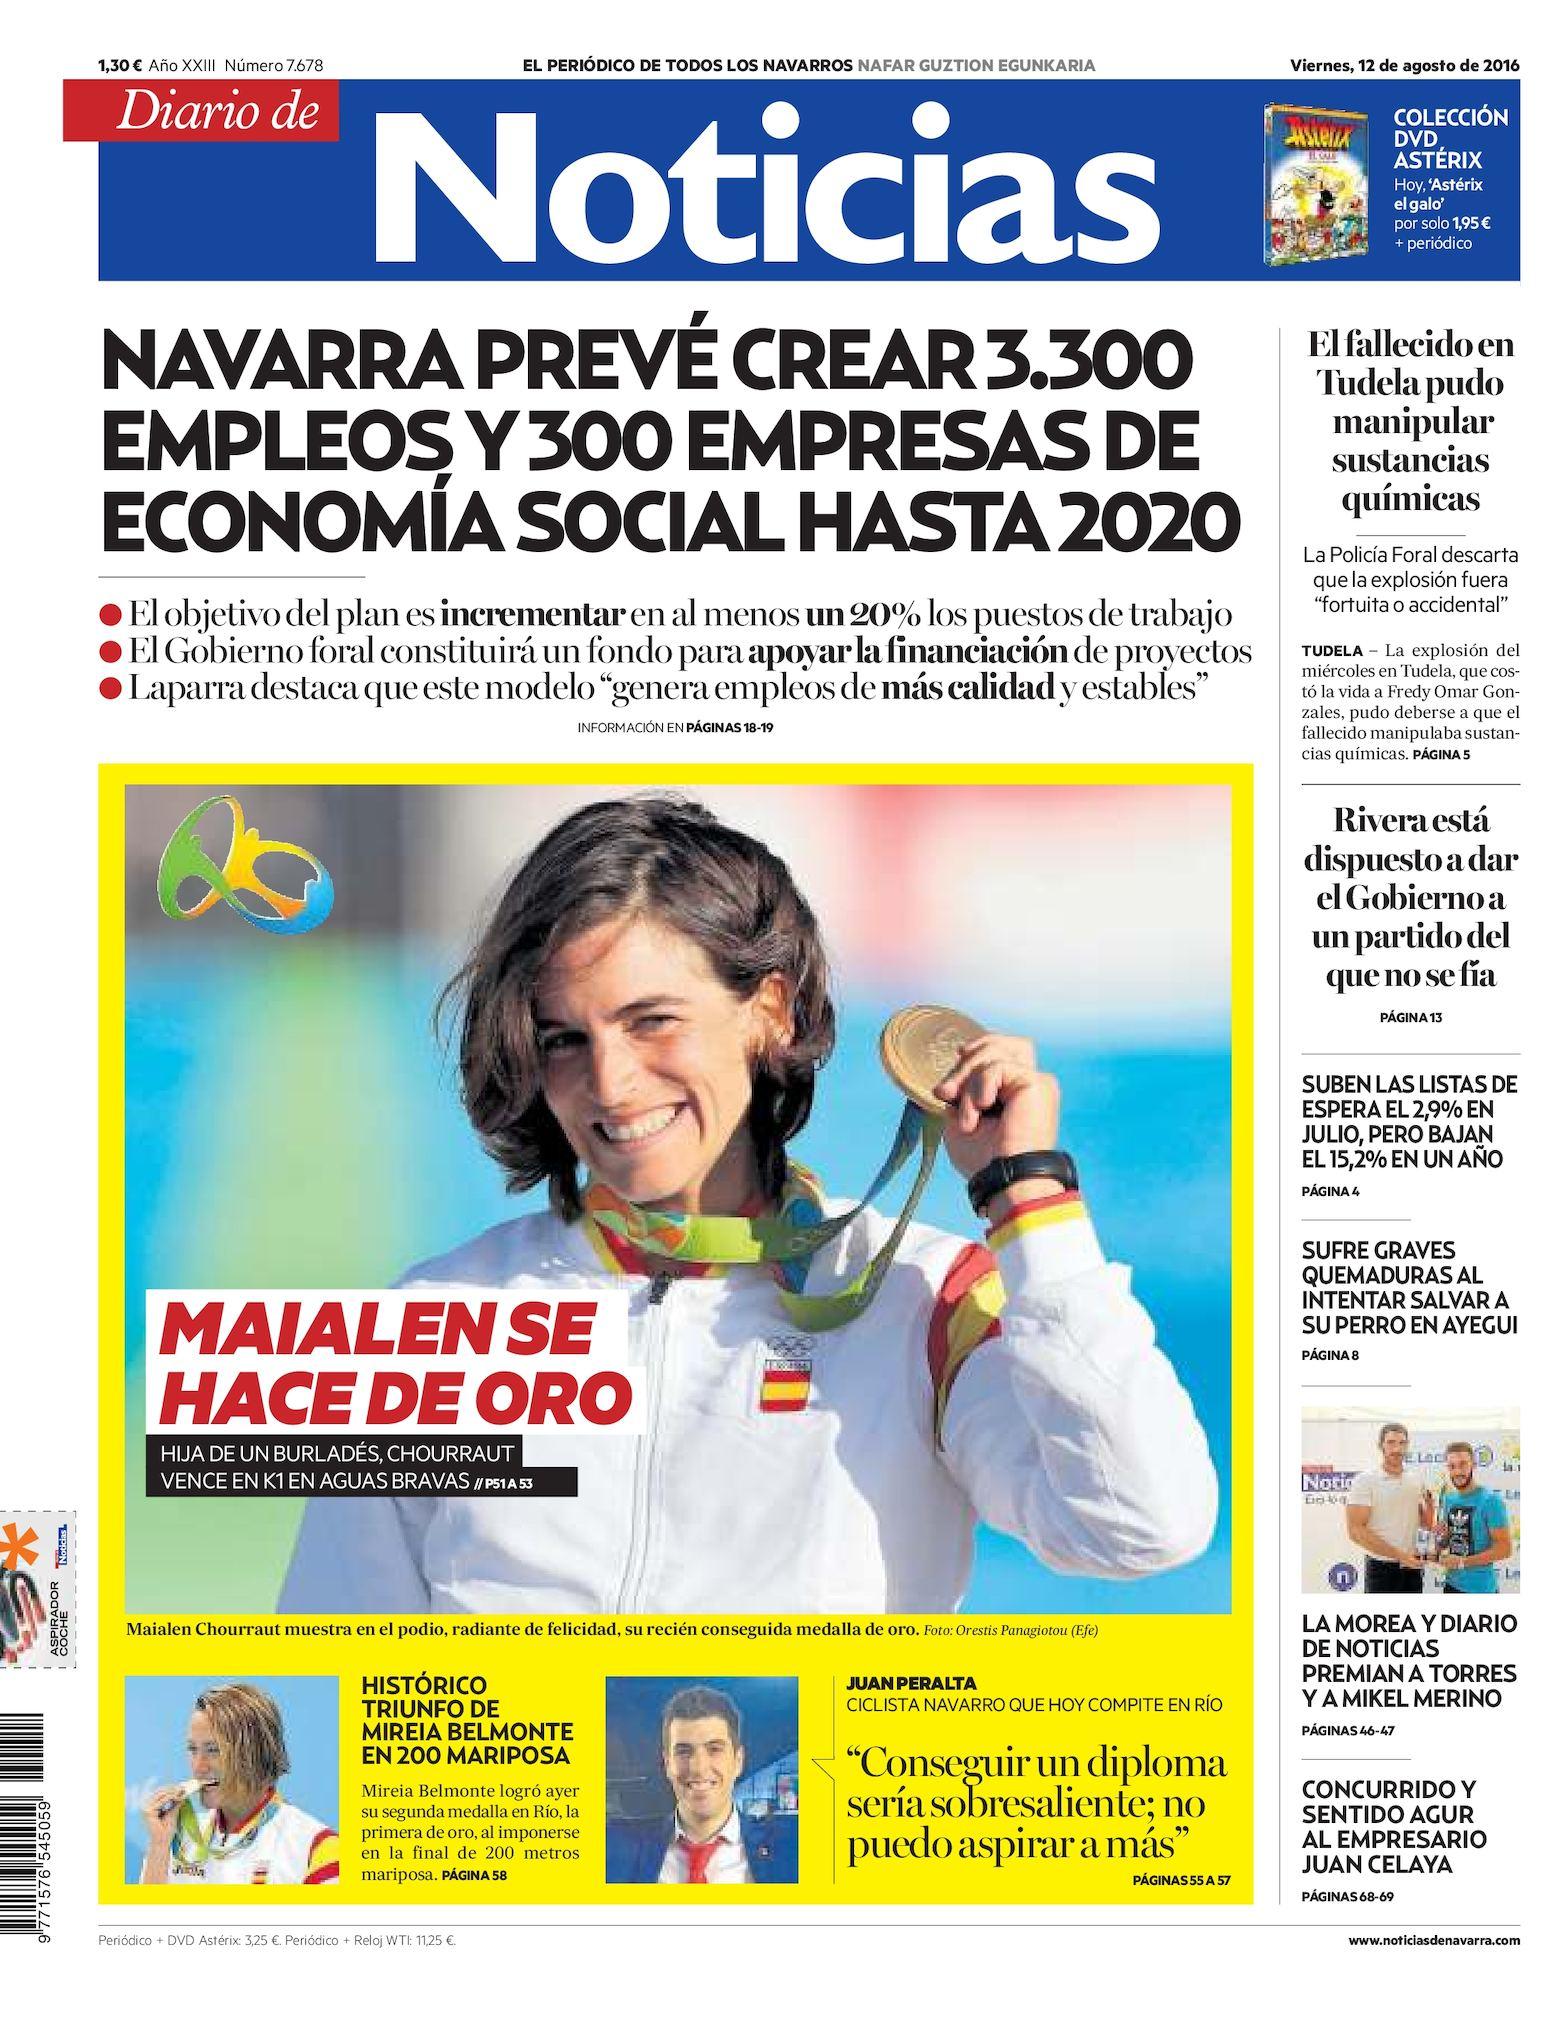 Calaméo - Diario de Noticias 20160812